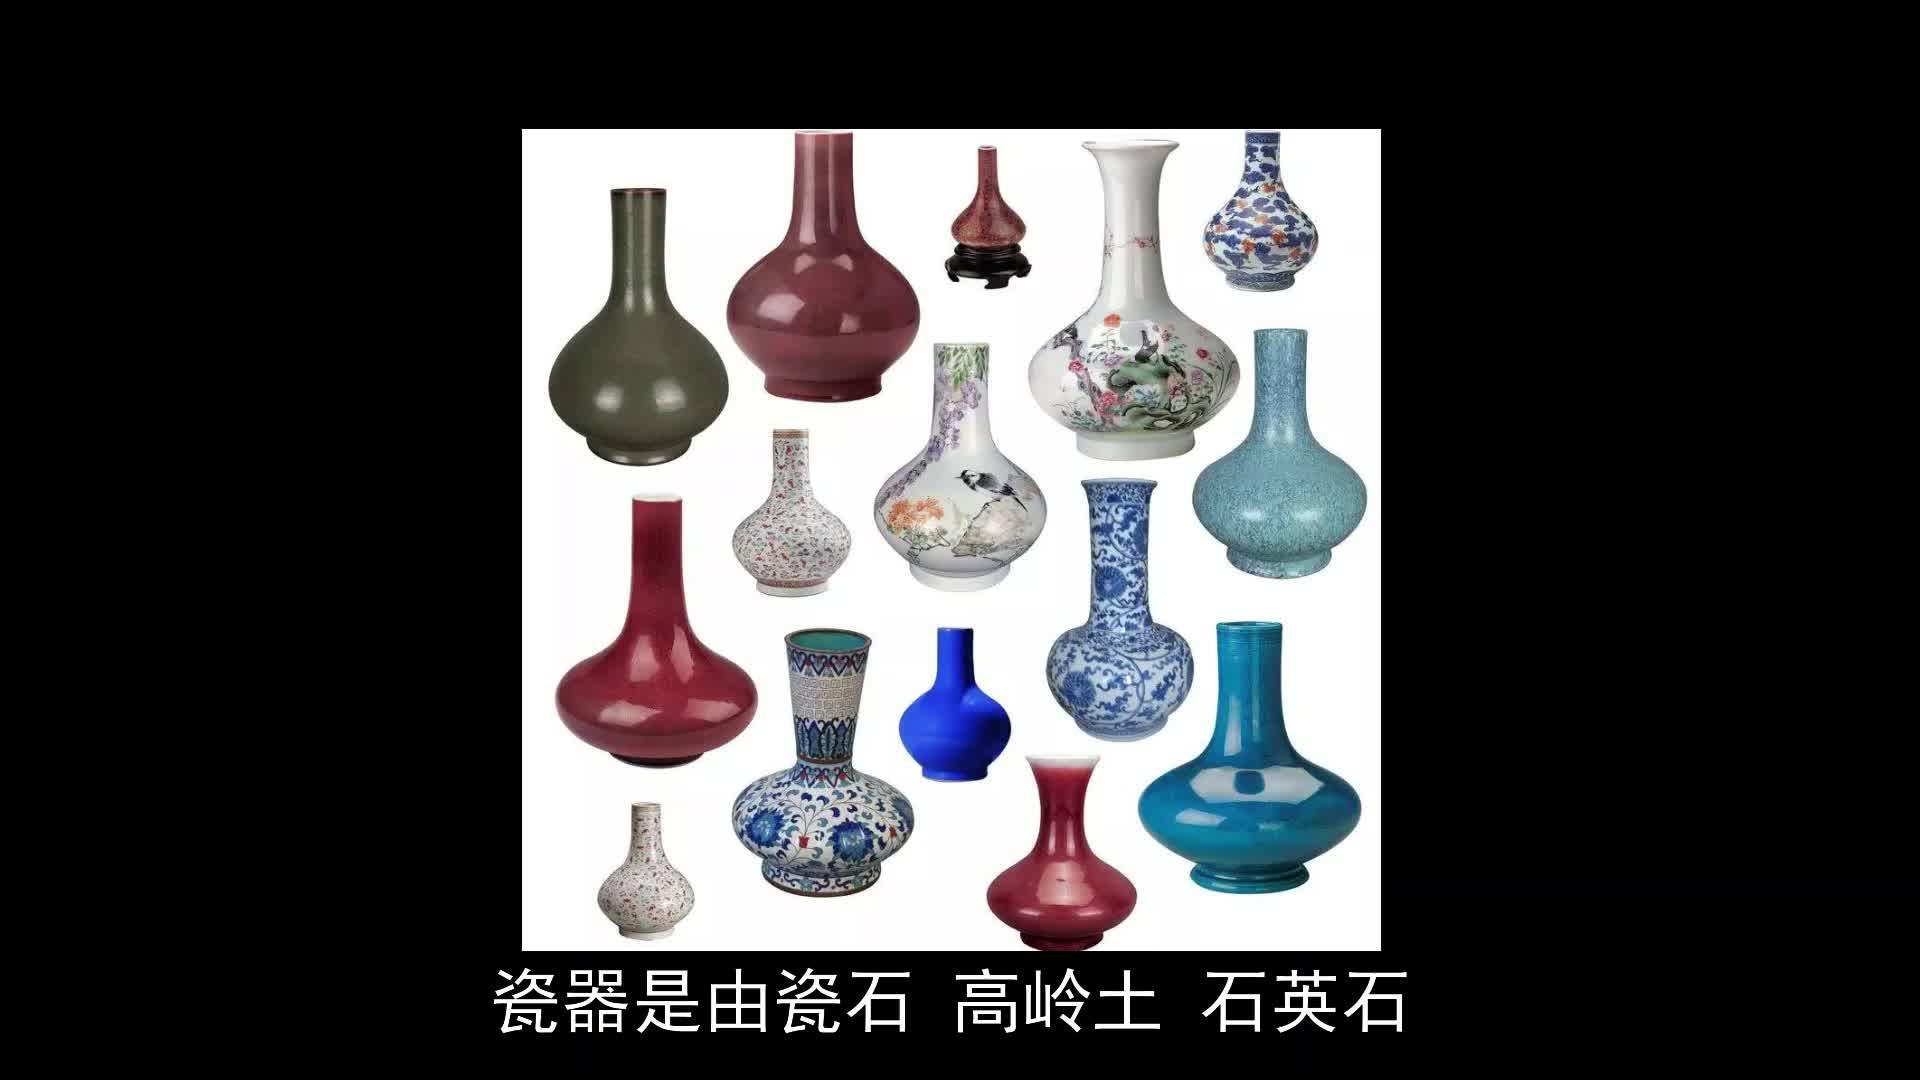 瓷器艺术新-艺术欣赏—中国民间艺术